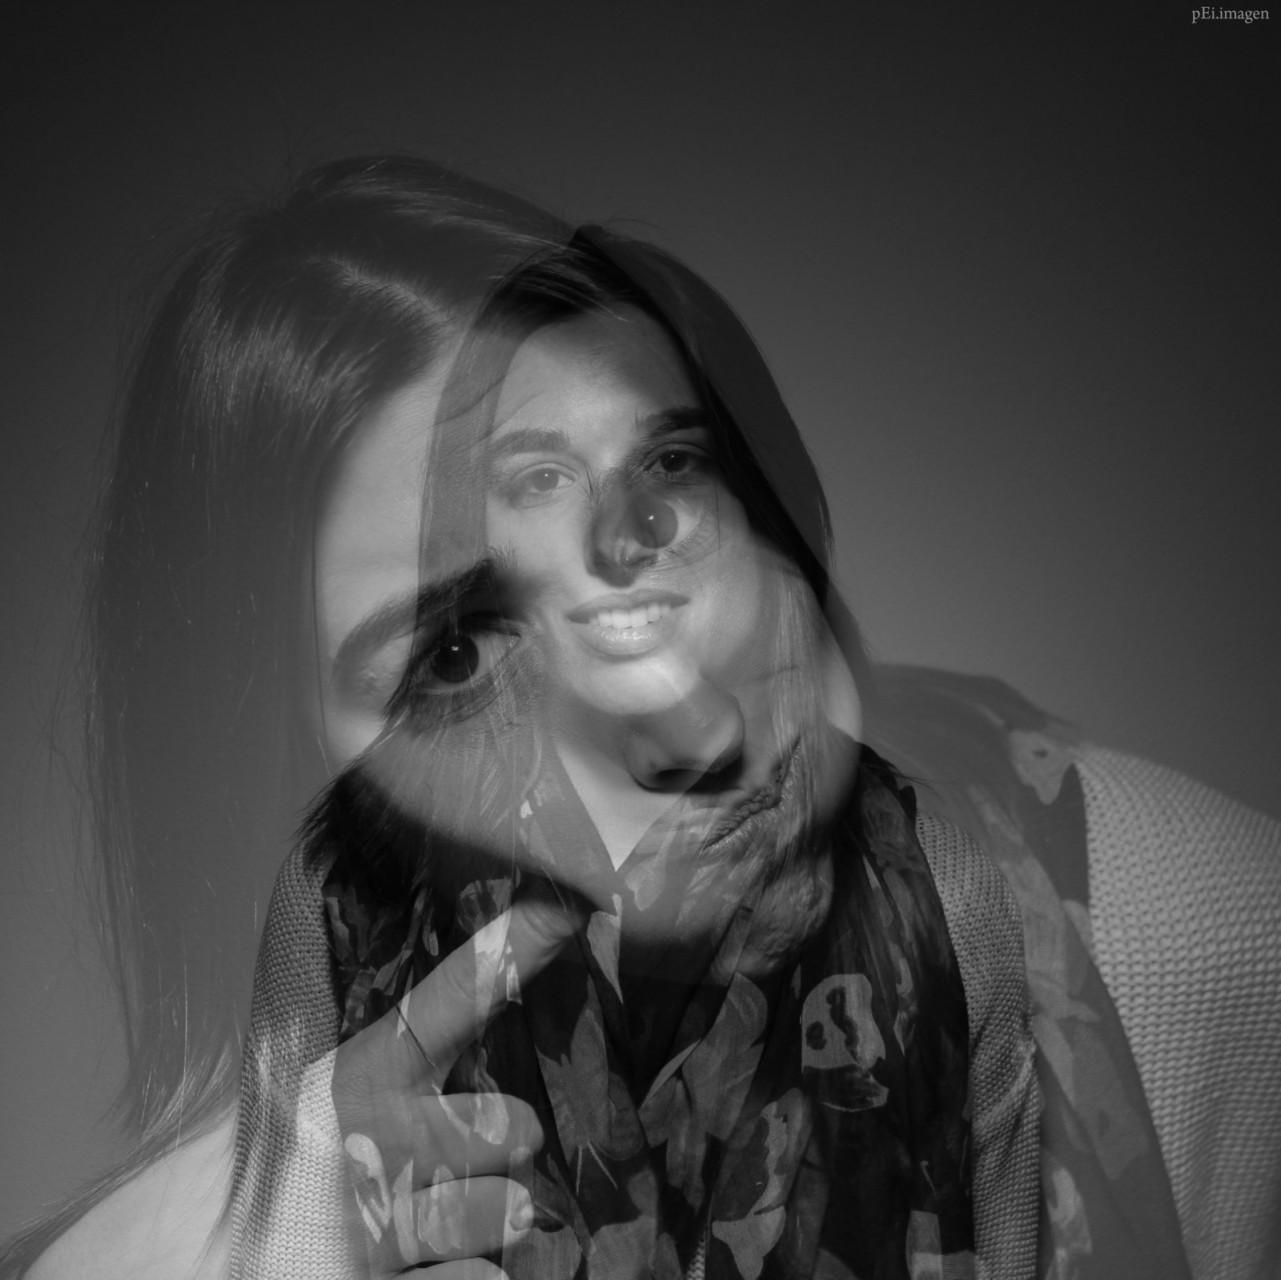 peipegata me myself I proyectos fotografia peipegatafotografia # 021 Alicia Garcia Martin